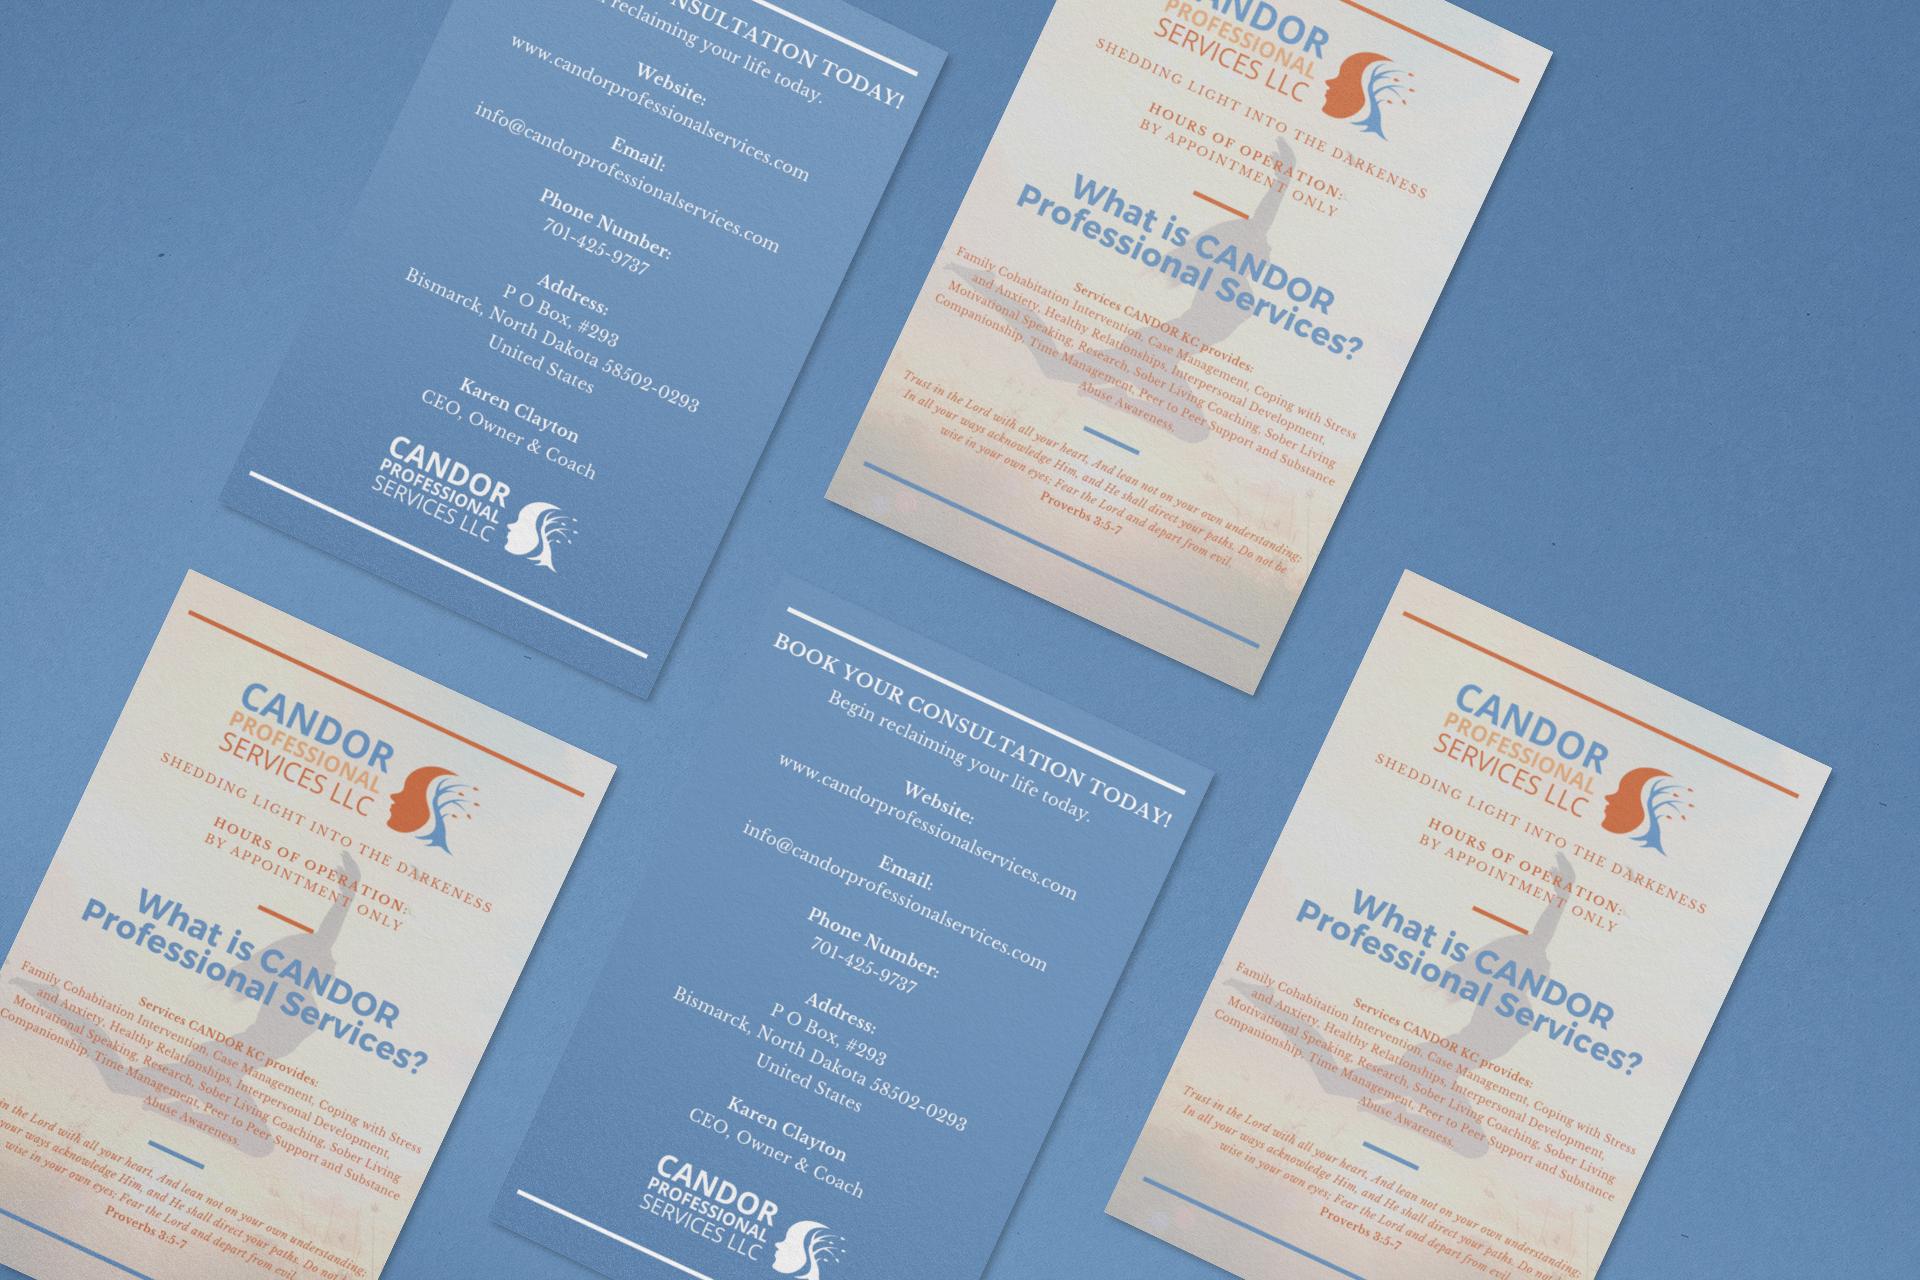 Candor Professional Services LLC